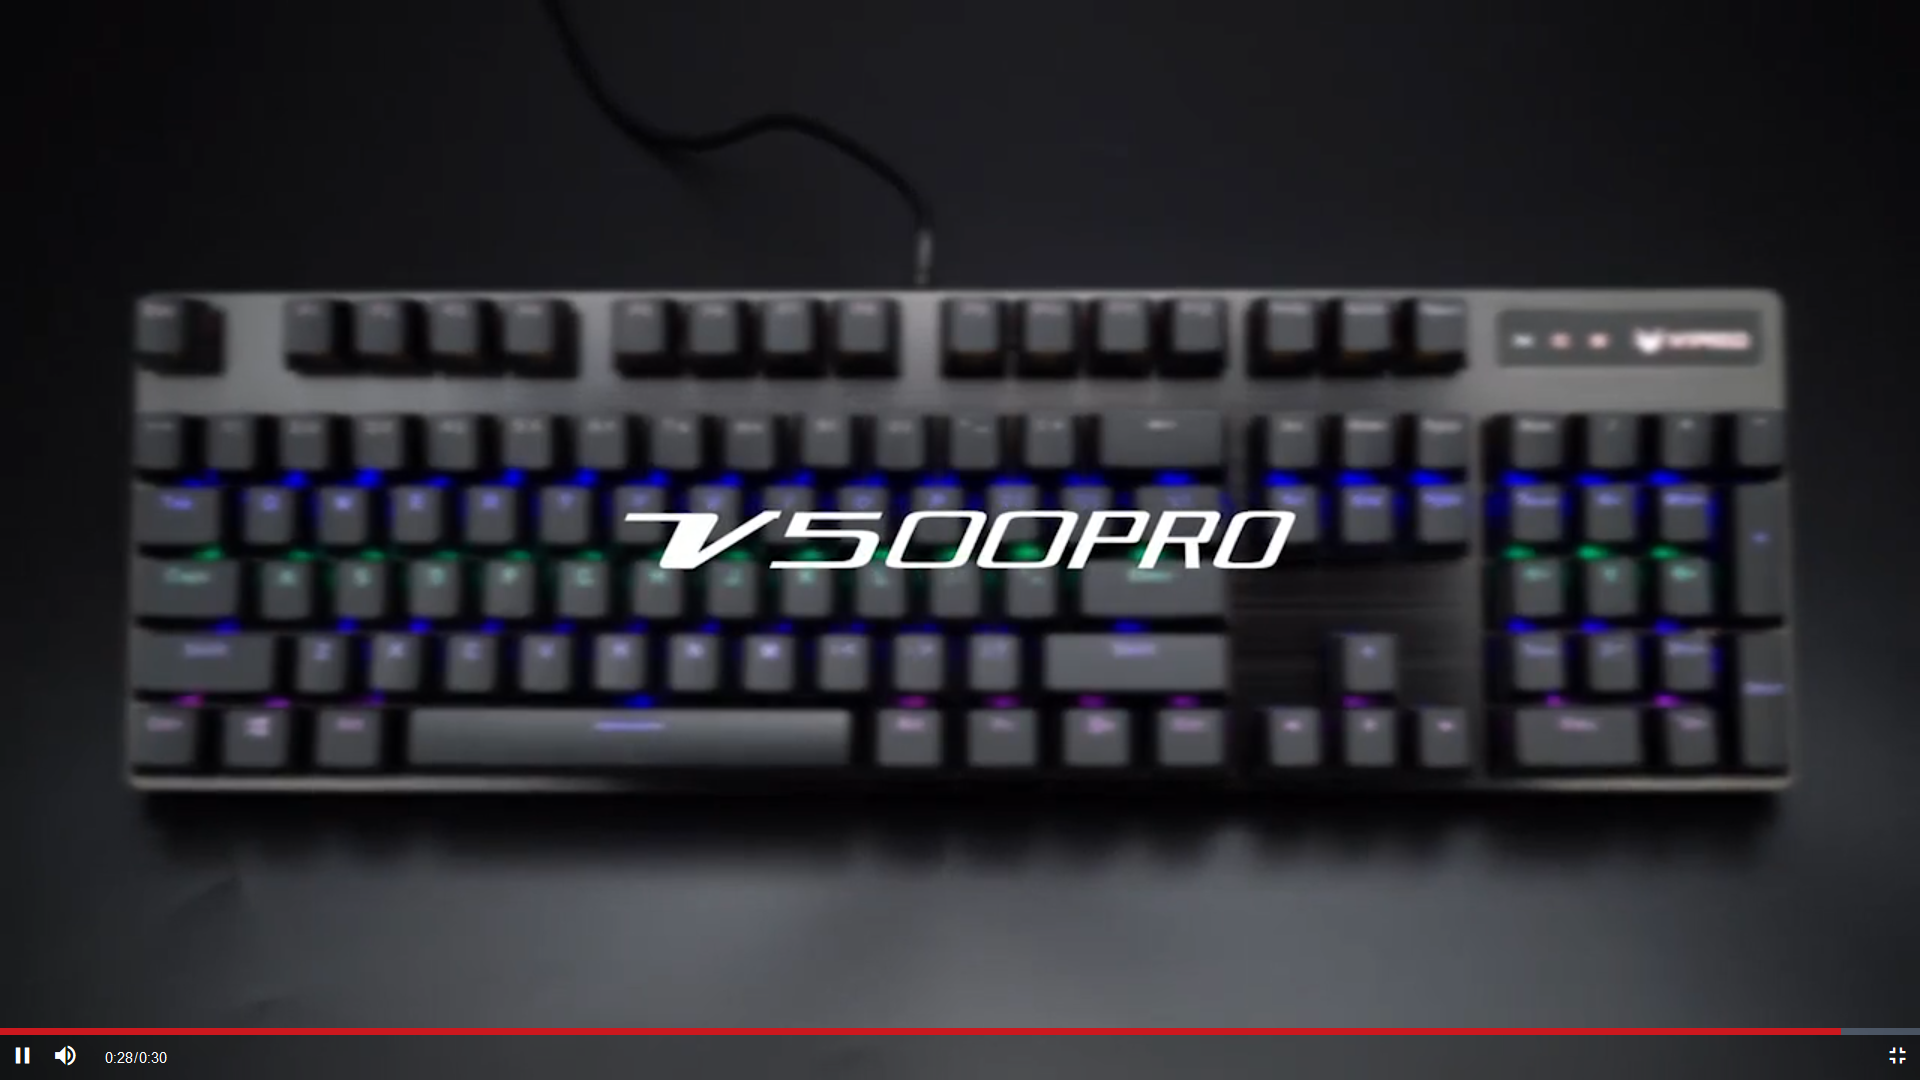 游戏党福音来啦!这款雷柏键盘颜值与实力皆在线不容错过